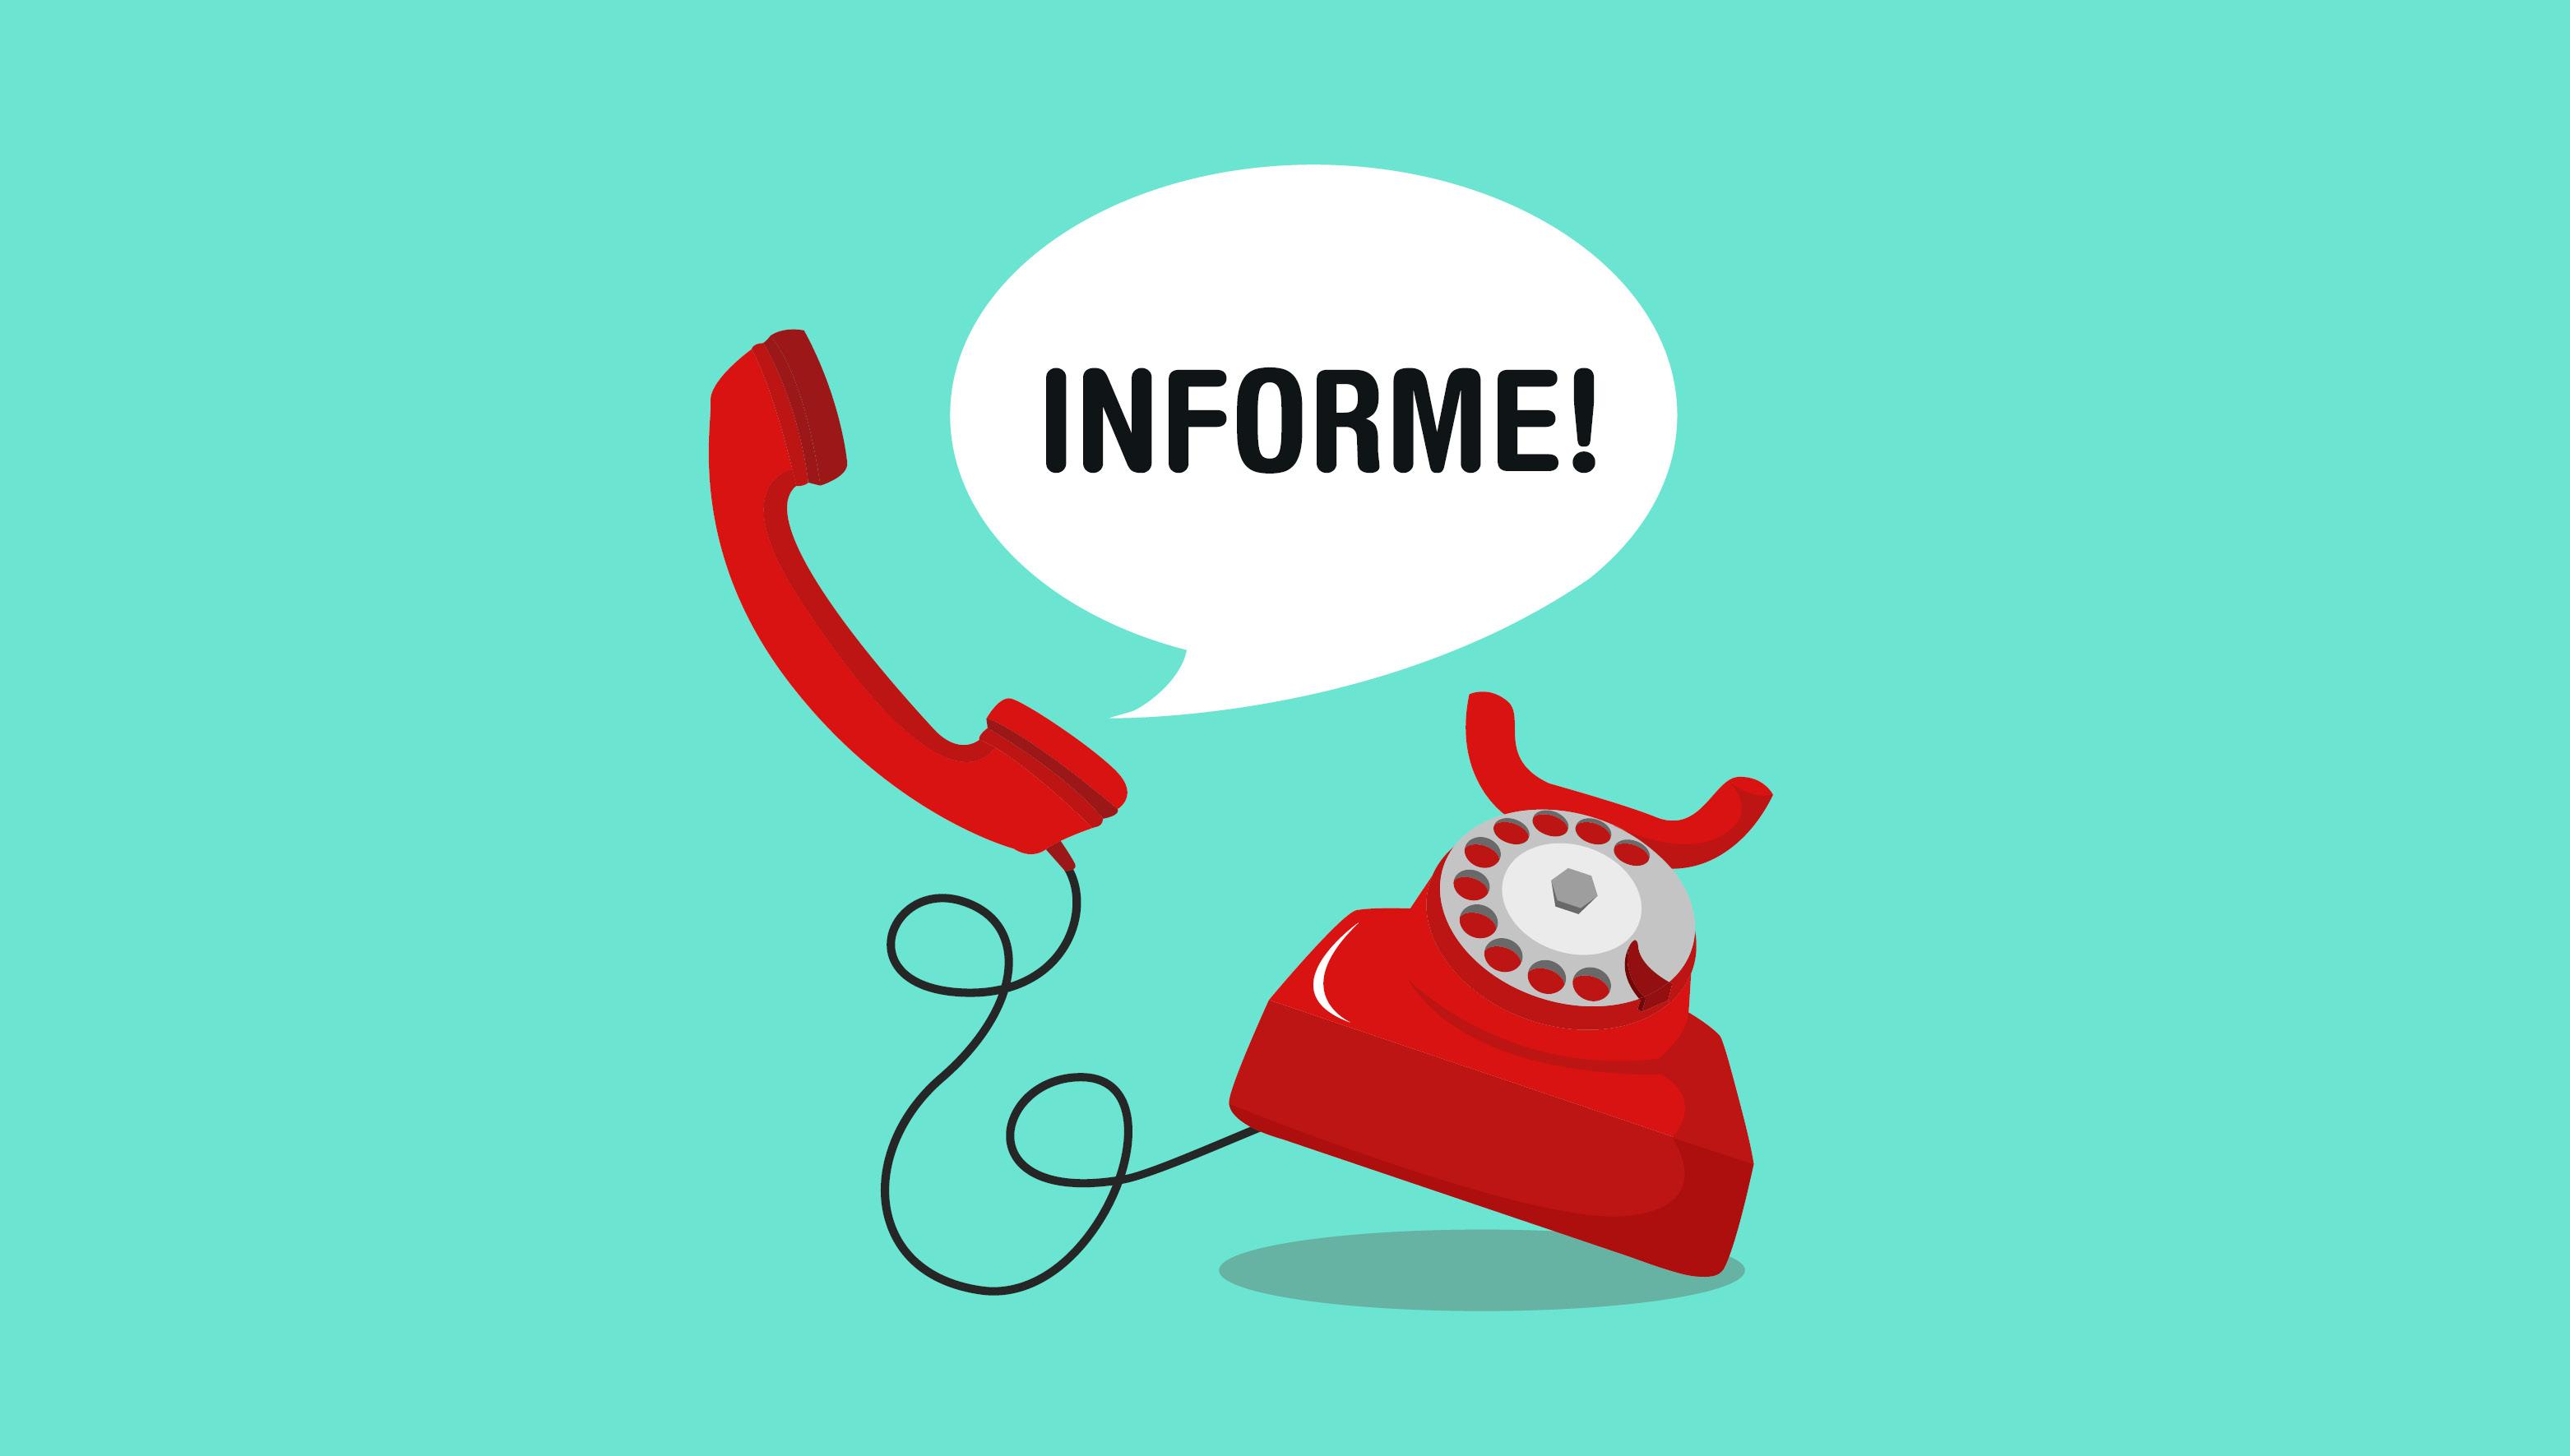 Telefones do Campus continuam sem receber e fazer ligações